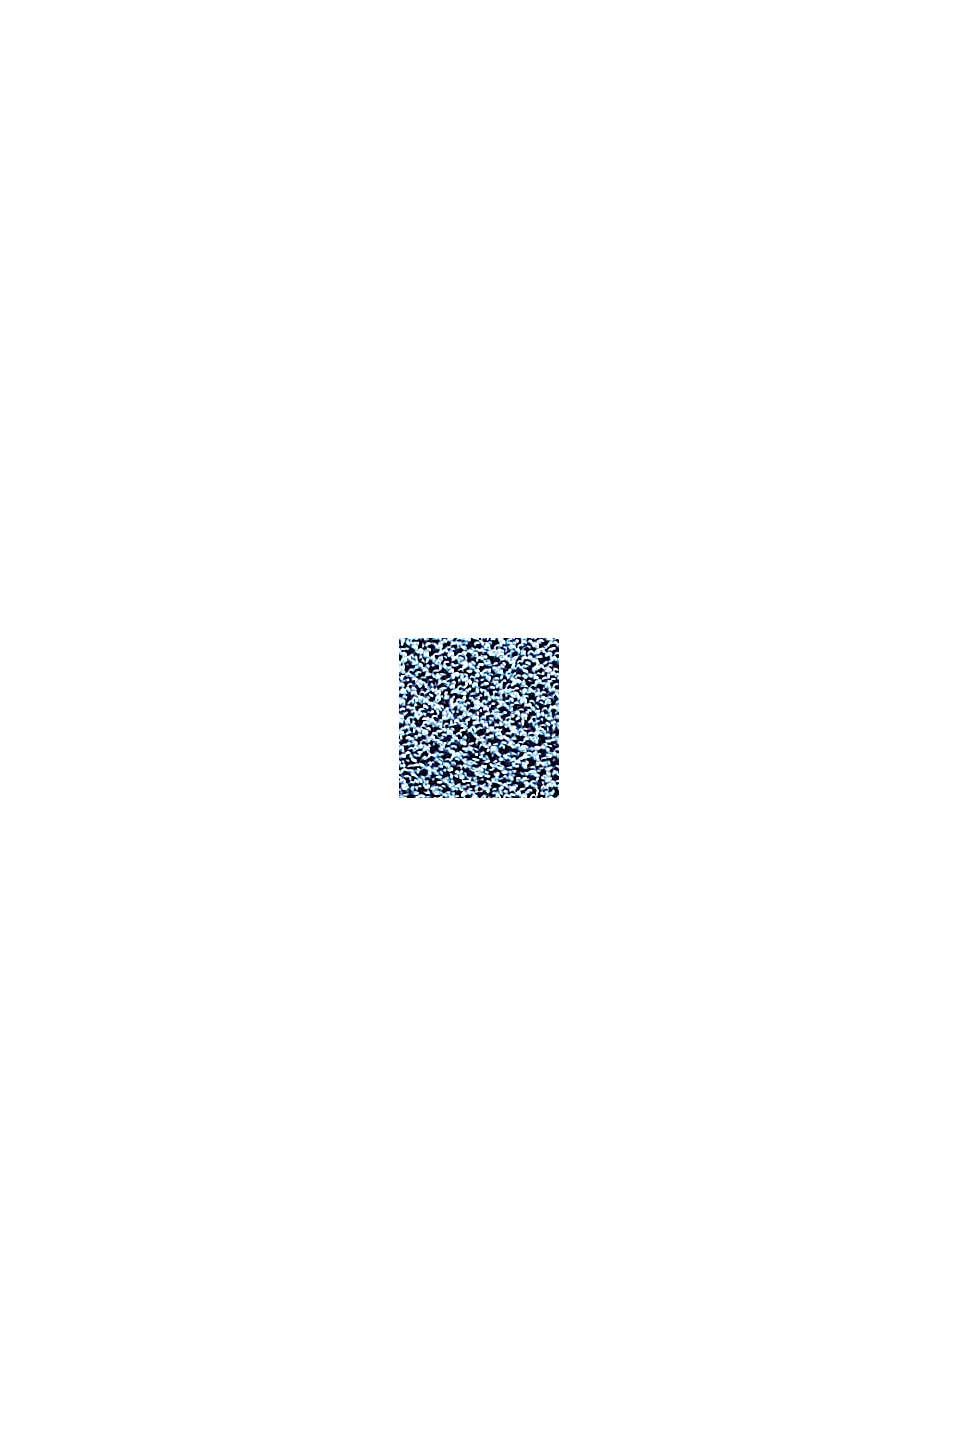 Handtuch aus 100% Baumwolle, NAVY BLUE, swatch